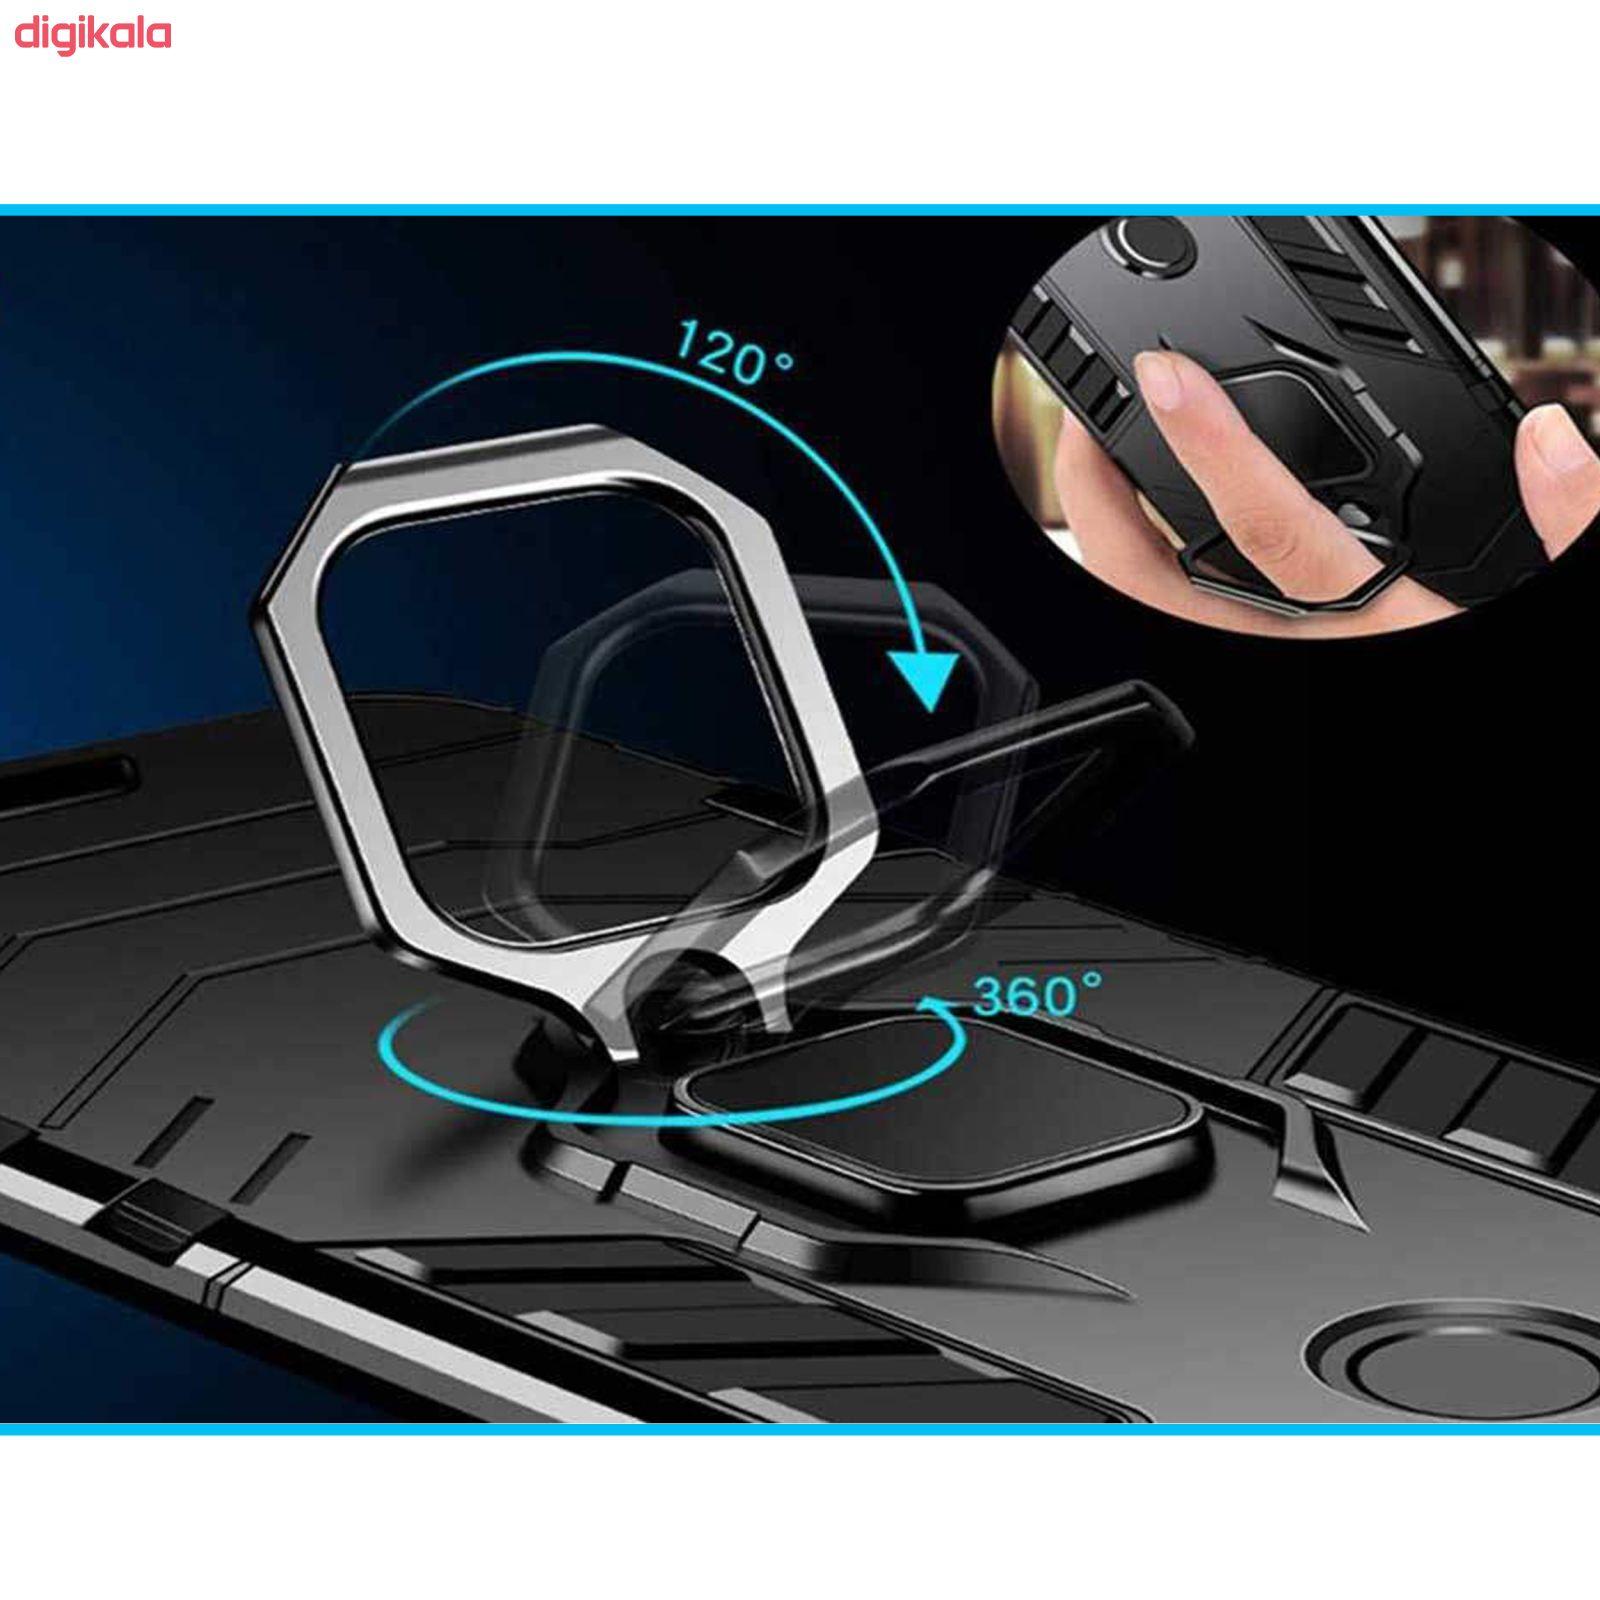 کاور کینگ پاور مدل ASH22 مناسب برای گوشی موبایل سامسونگ Galaxy A21S main 1 8